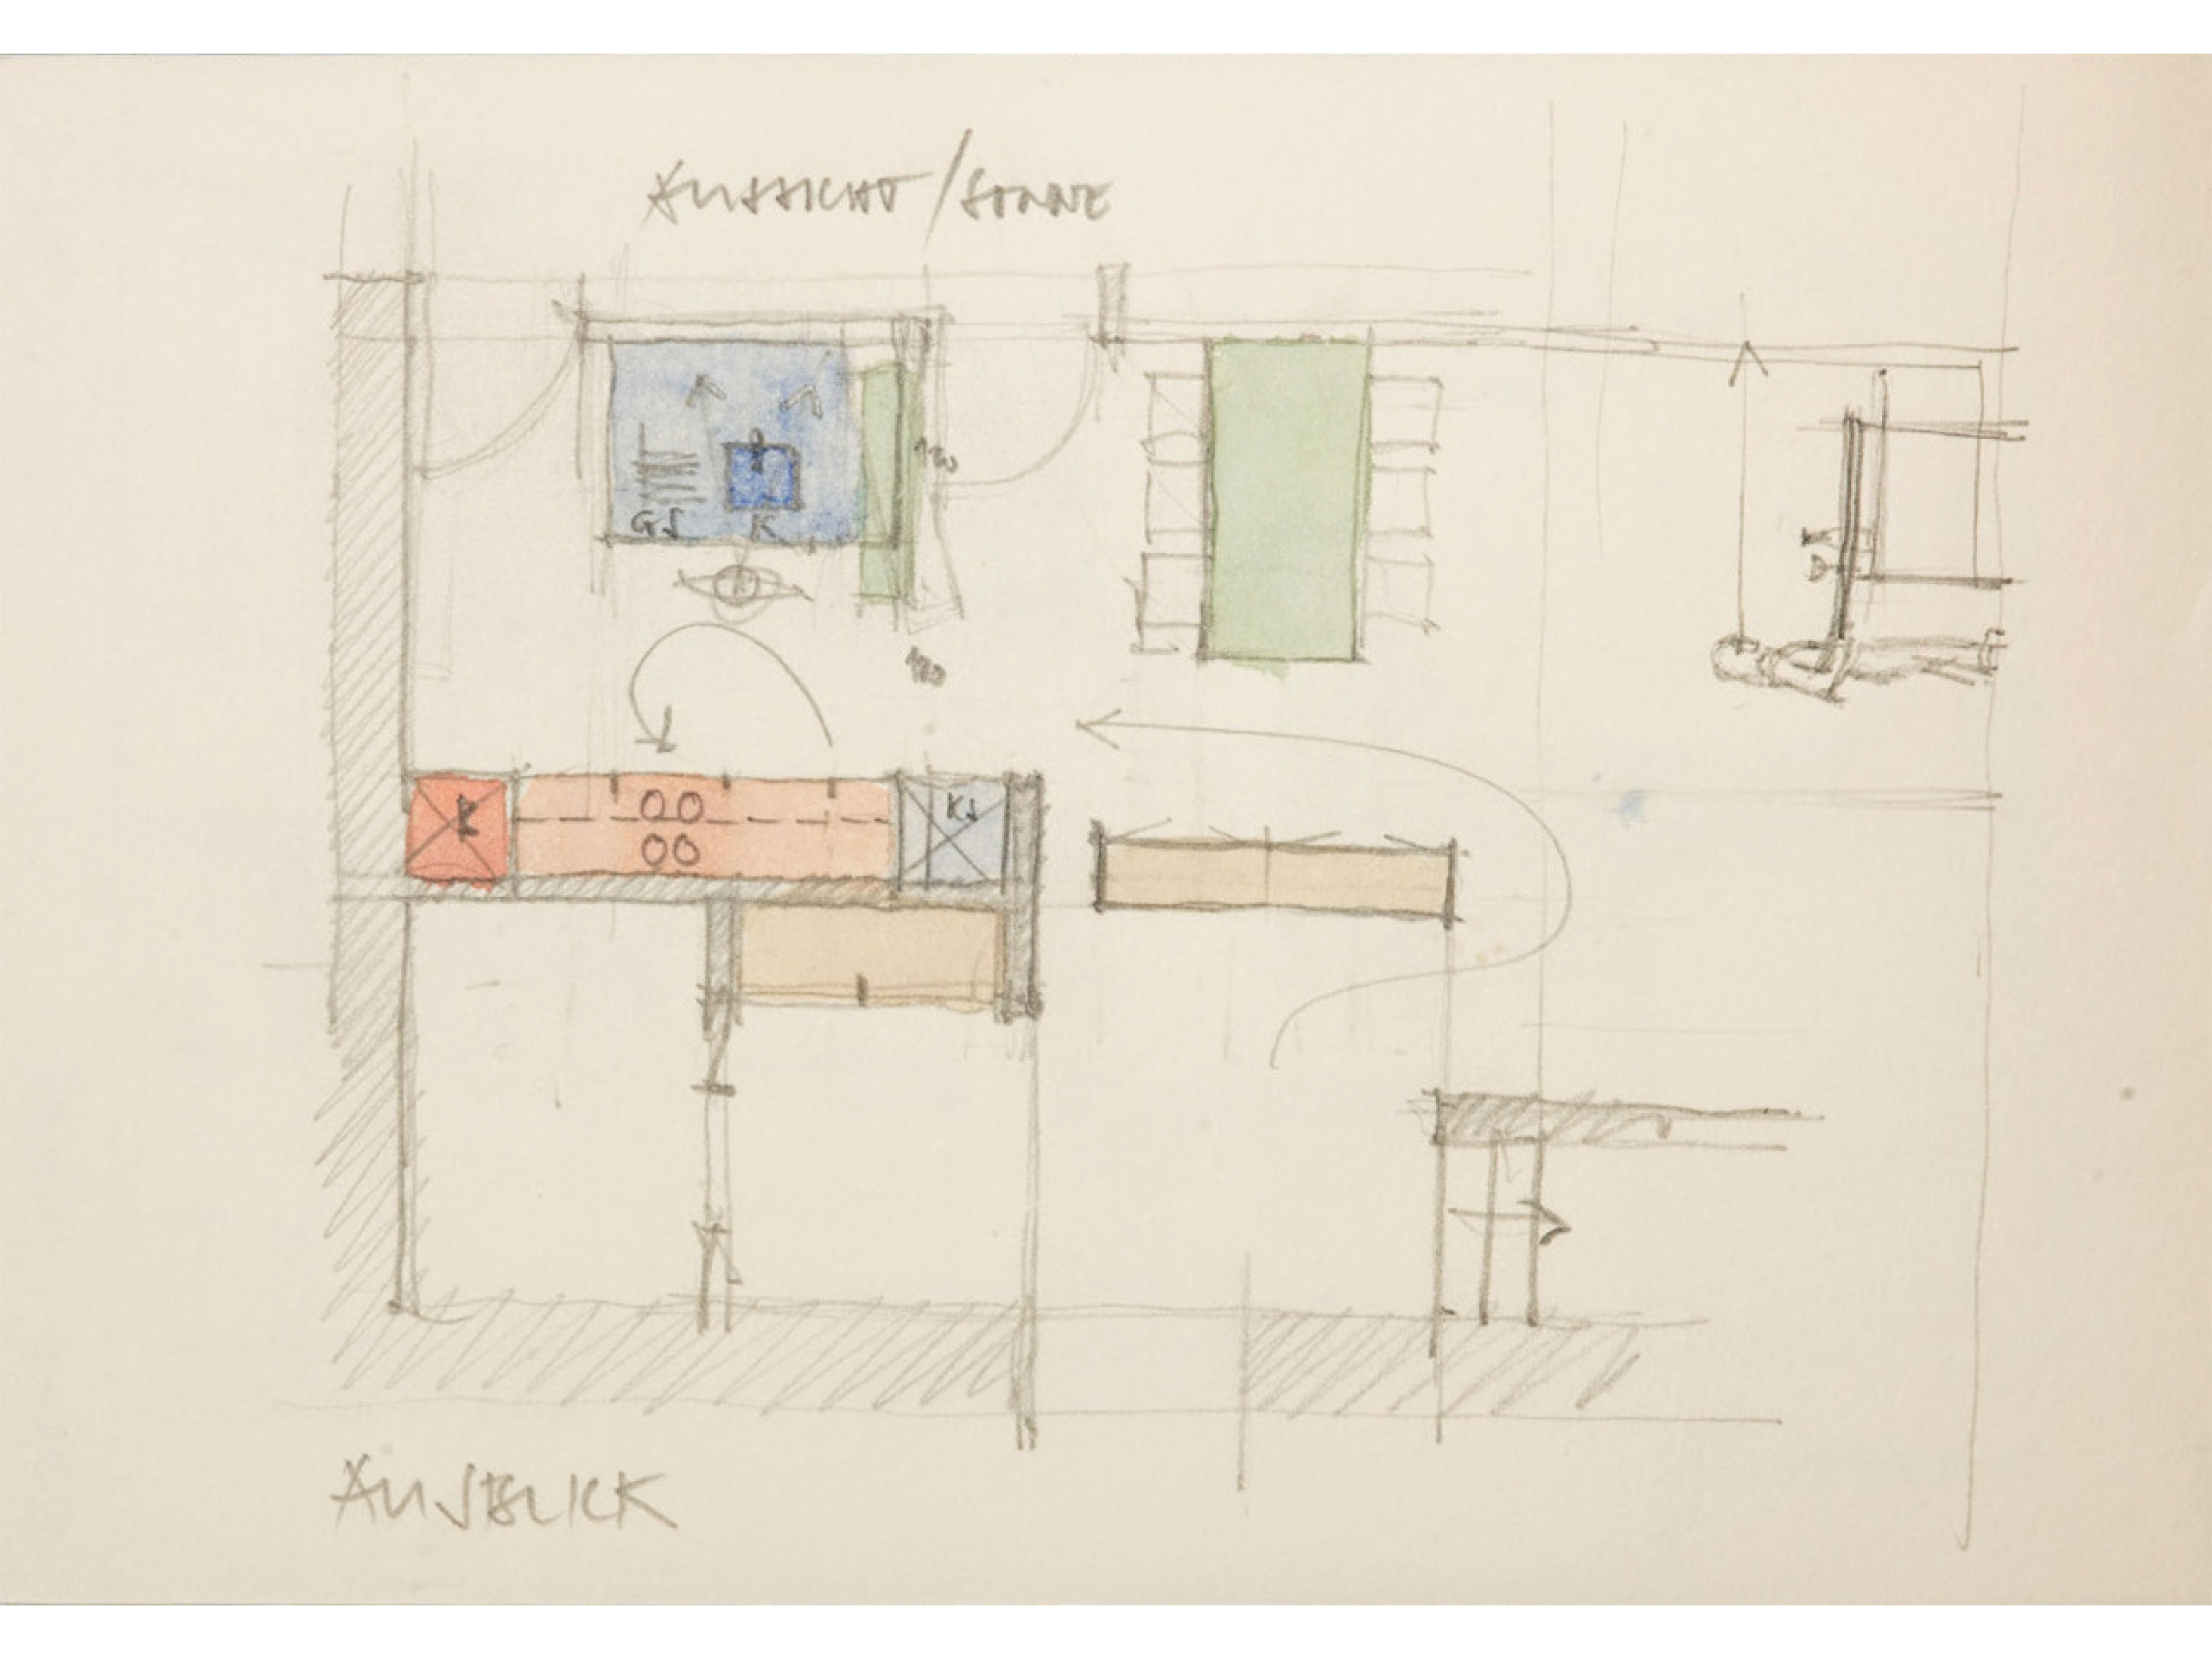 philosophie fenster gezielt einsetzen. Black Bedroom Furniture Sets. Home Design Ideas